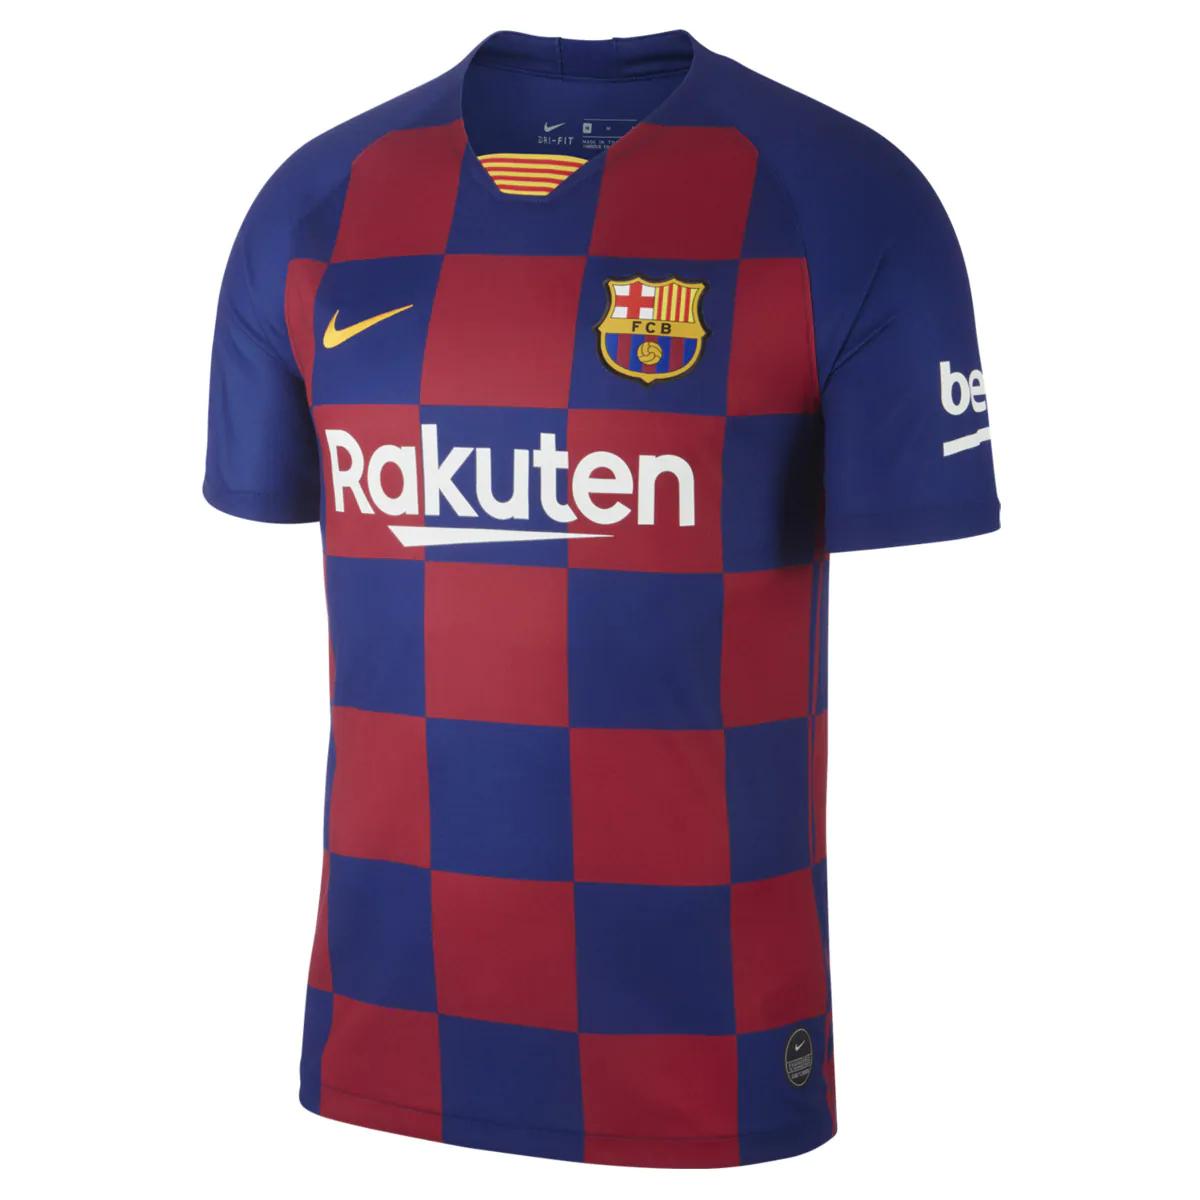 Camiseta de hombre 1ª equipación FC Barcelona 2019-2020 Breathe Stadium Nike